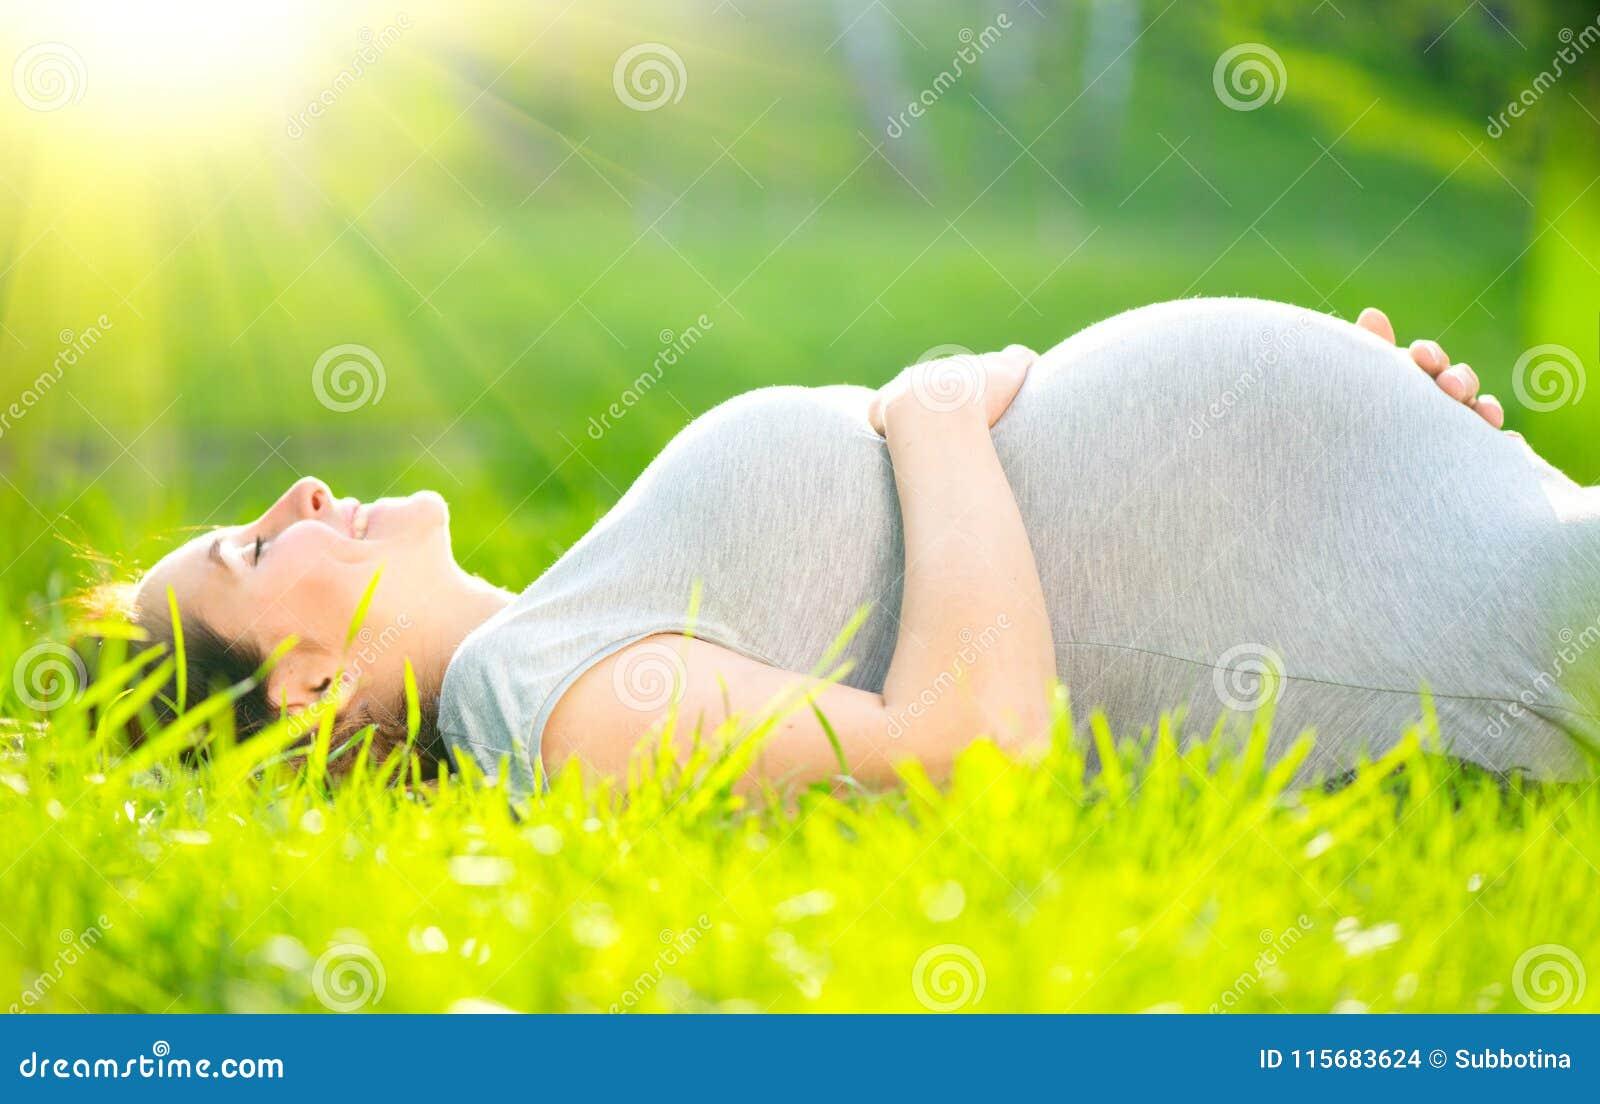 Беременная середина постарела женщина касаясь ее животу лежа на зеленой траве, наслаждаясь природой Принципиальная схема беременн